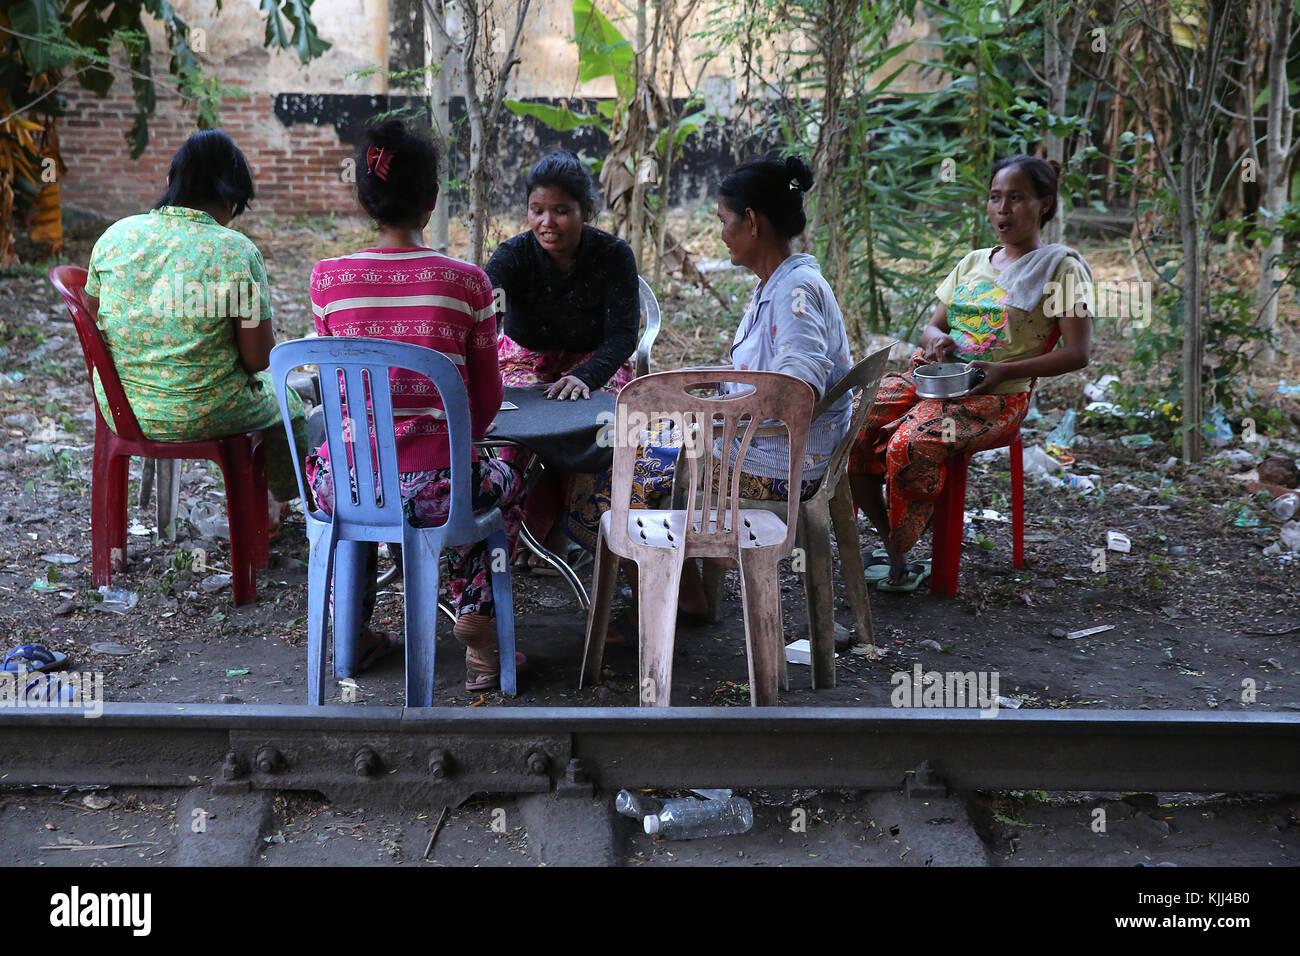 Kartenspiel in einem Slum. Battambang. Kambodscha. Stockbild